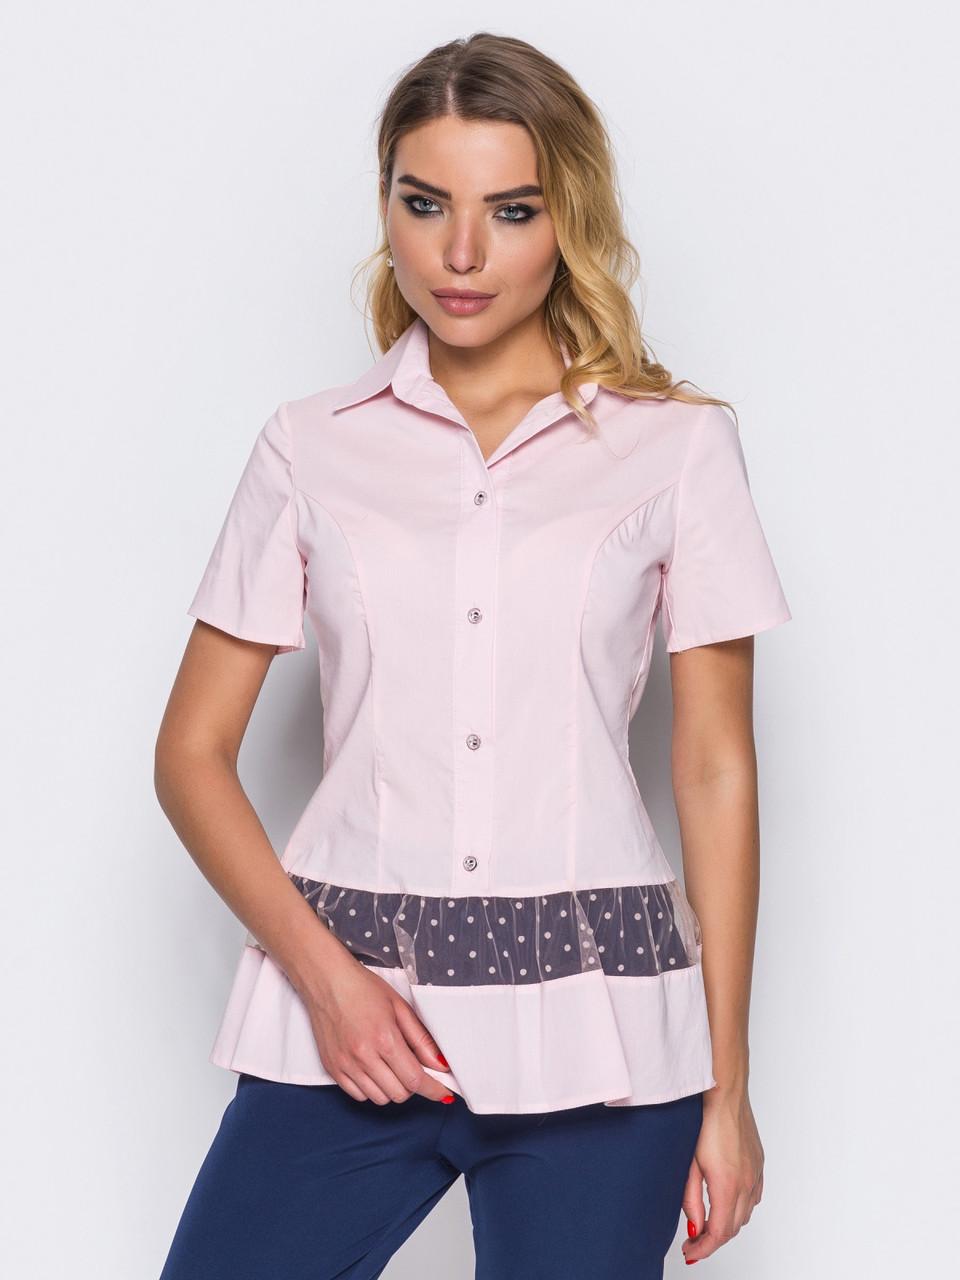 dbe740a0505 Модная женская блузка с отложным воротником и короткими рукавами р ...